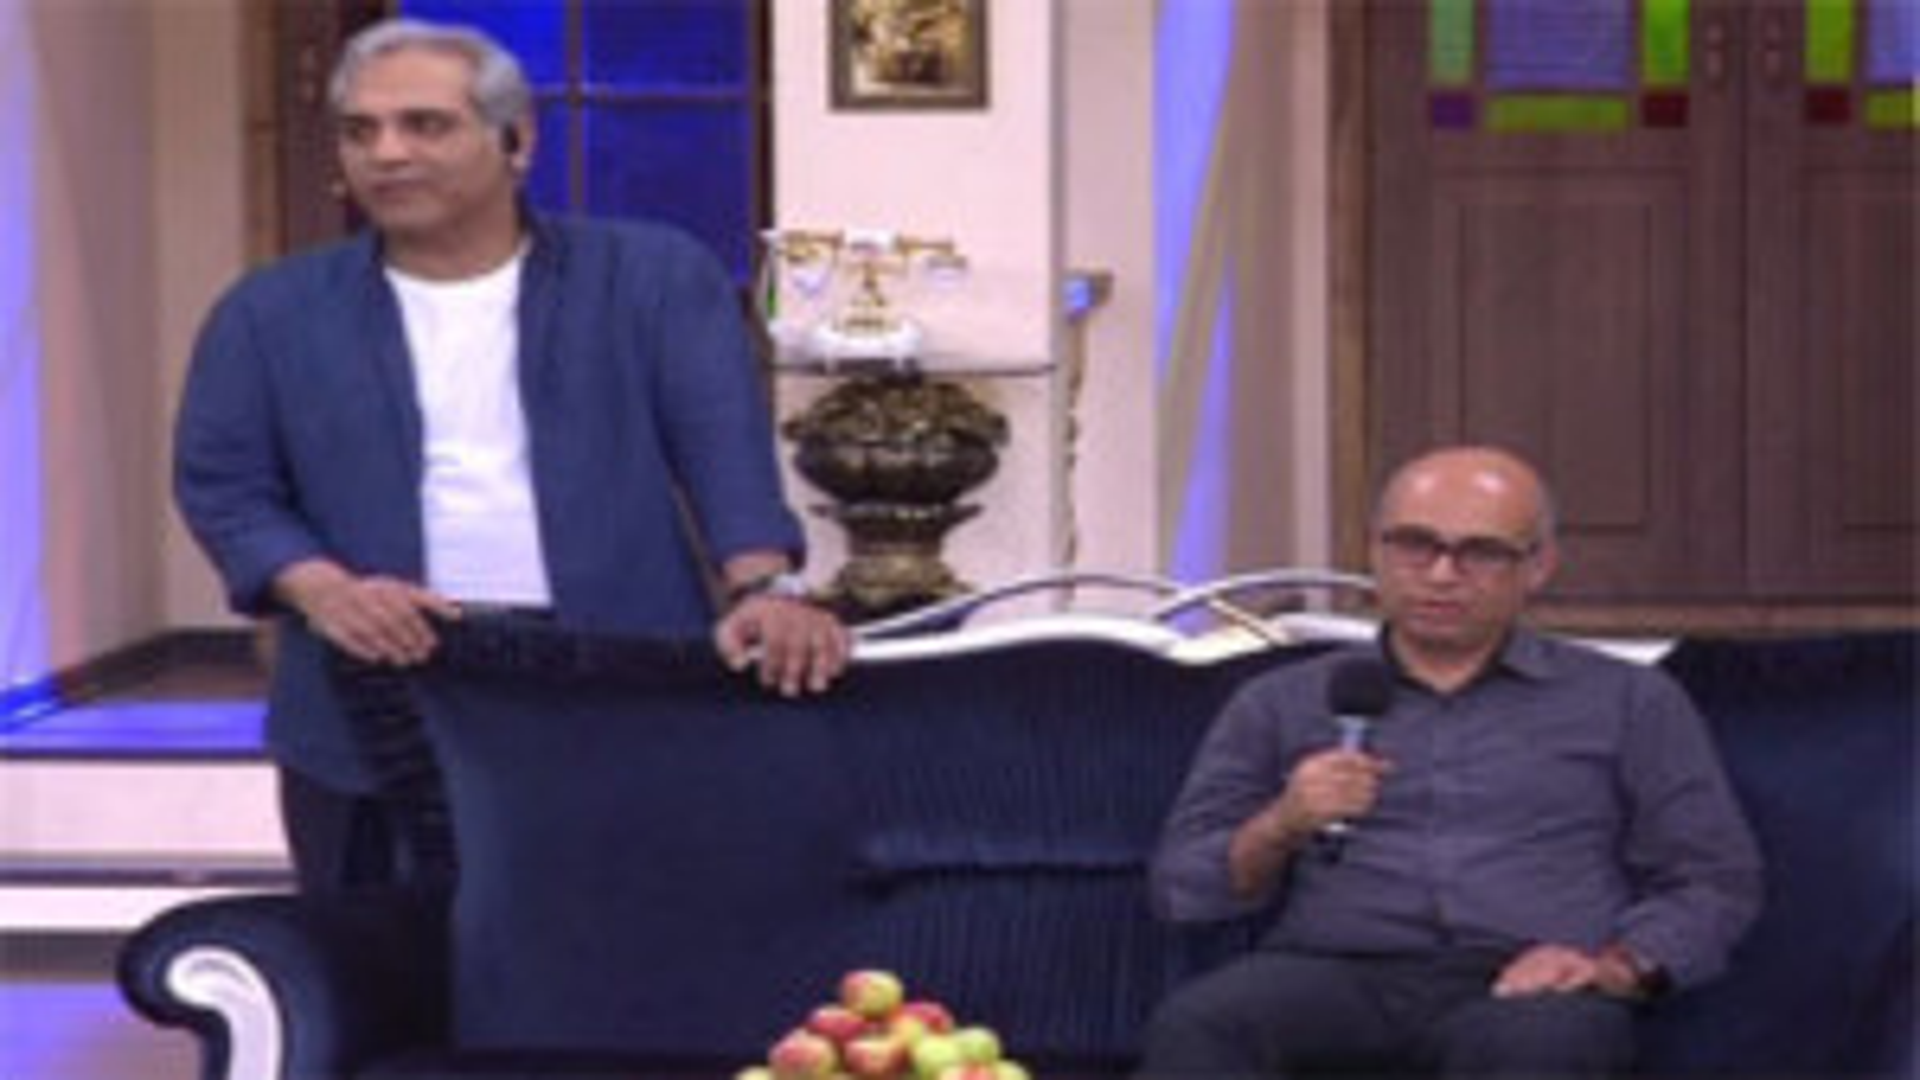 آیتم طنز دورهمی با دعوت از حاضرین برای قصه گفتن فی البداهه + فیلم